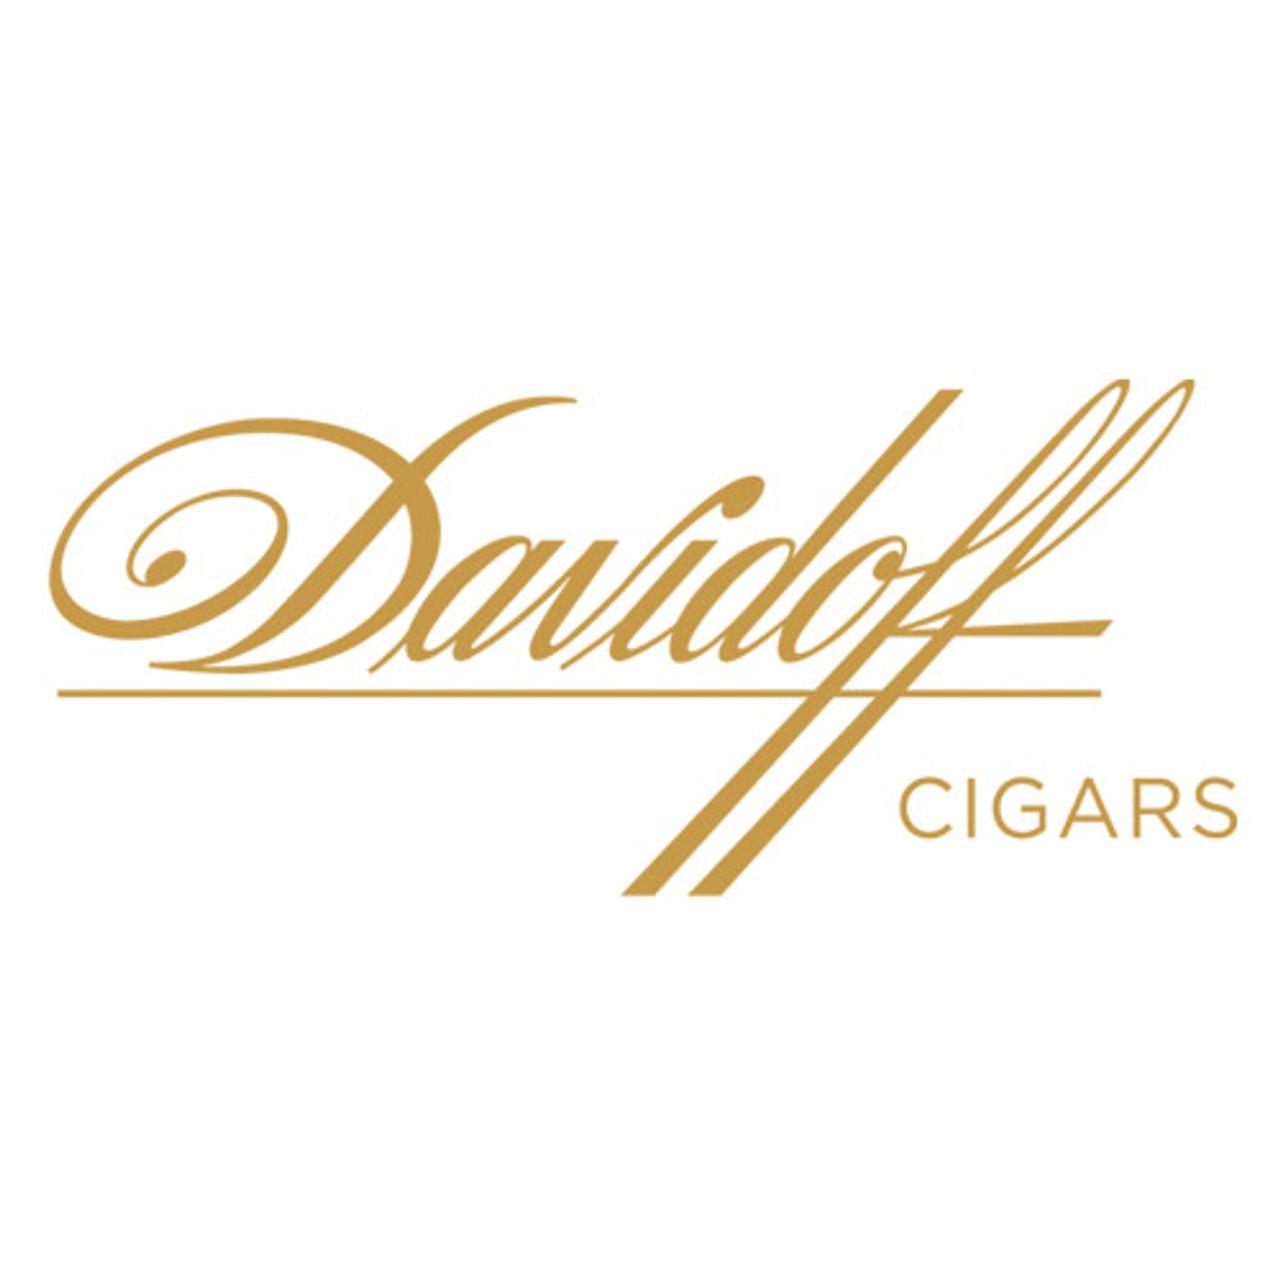 Davidoff Cigarillos and Small Cigars